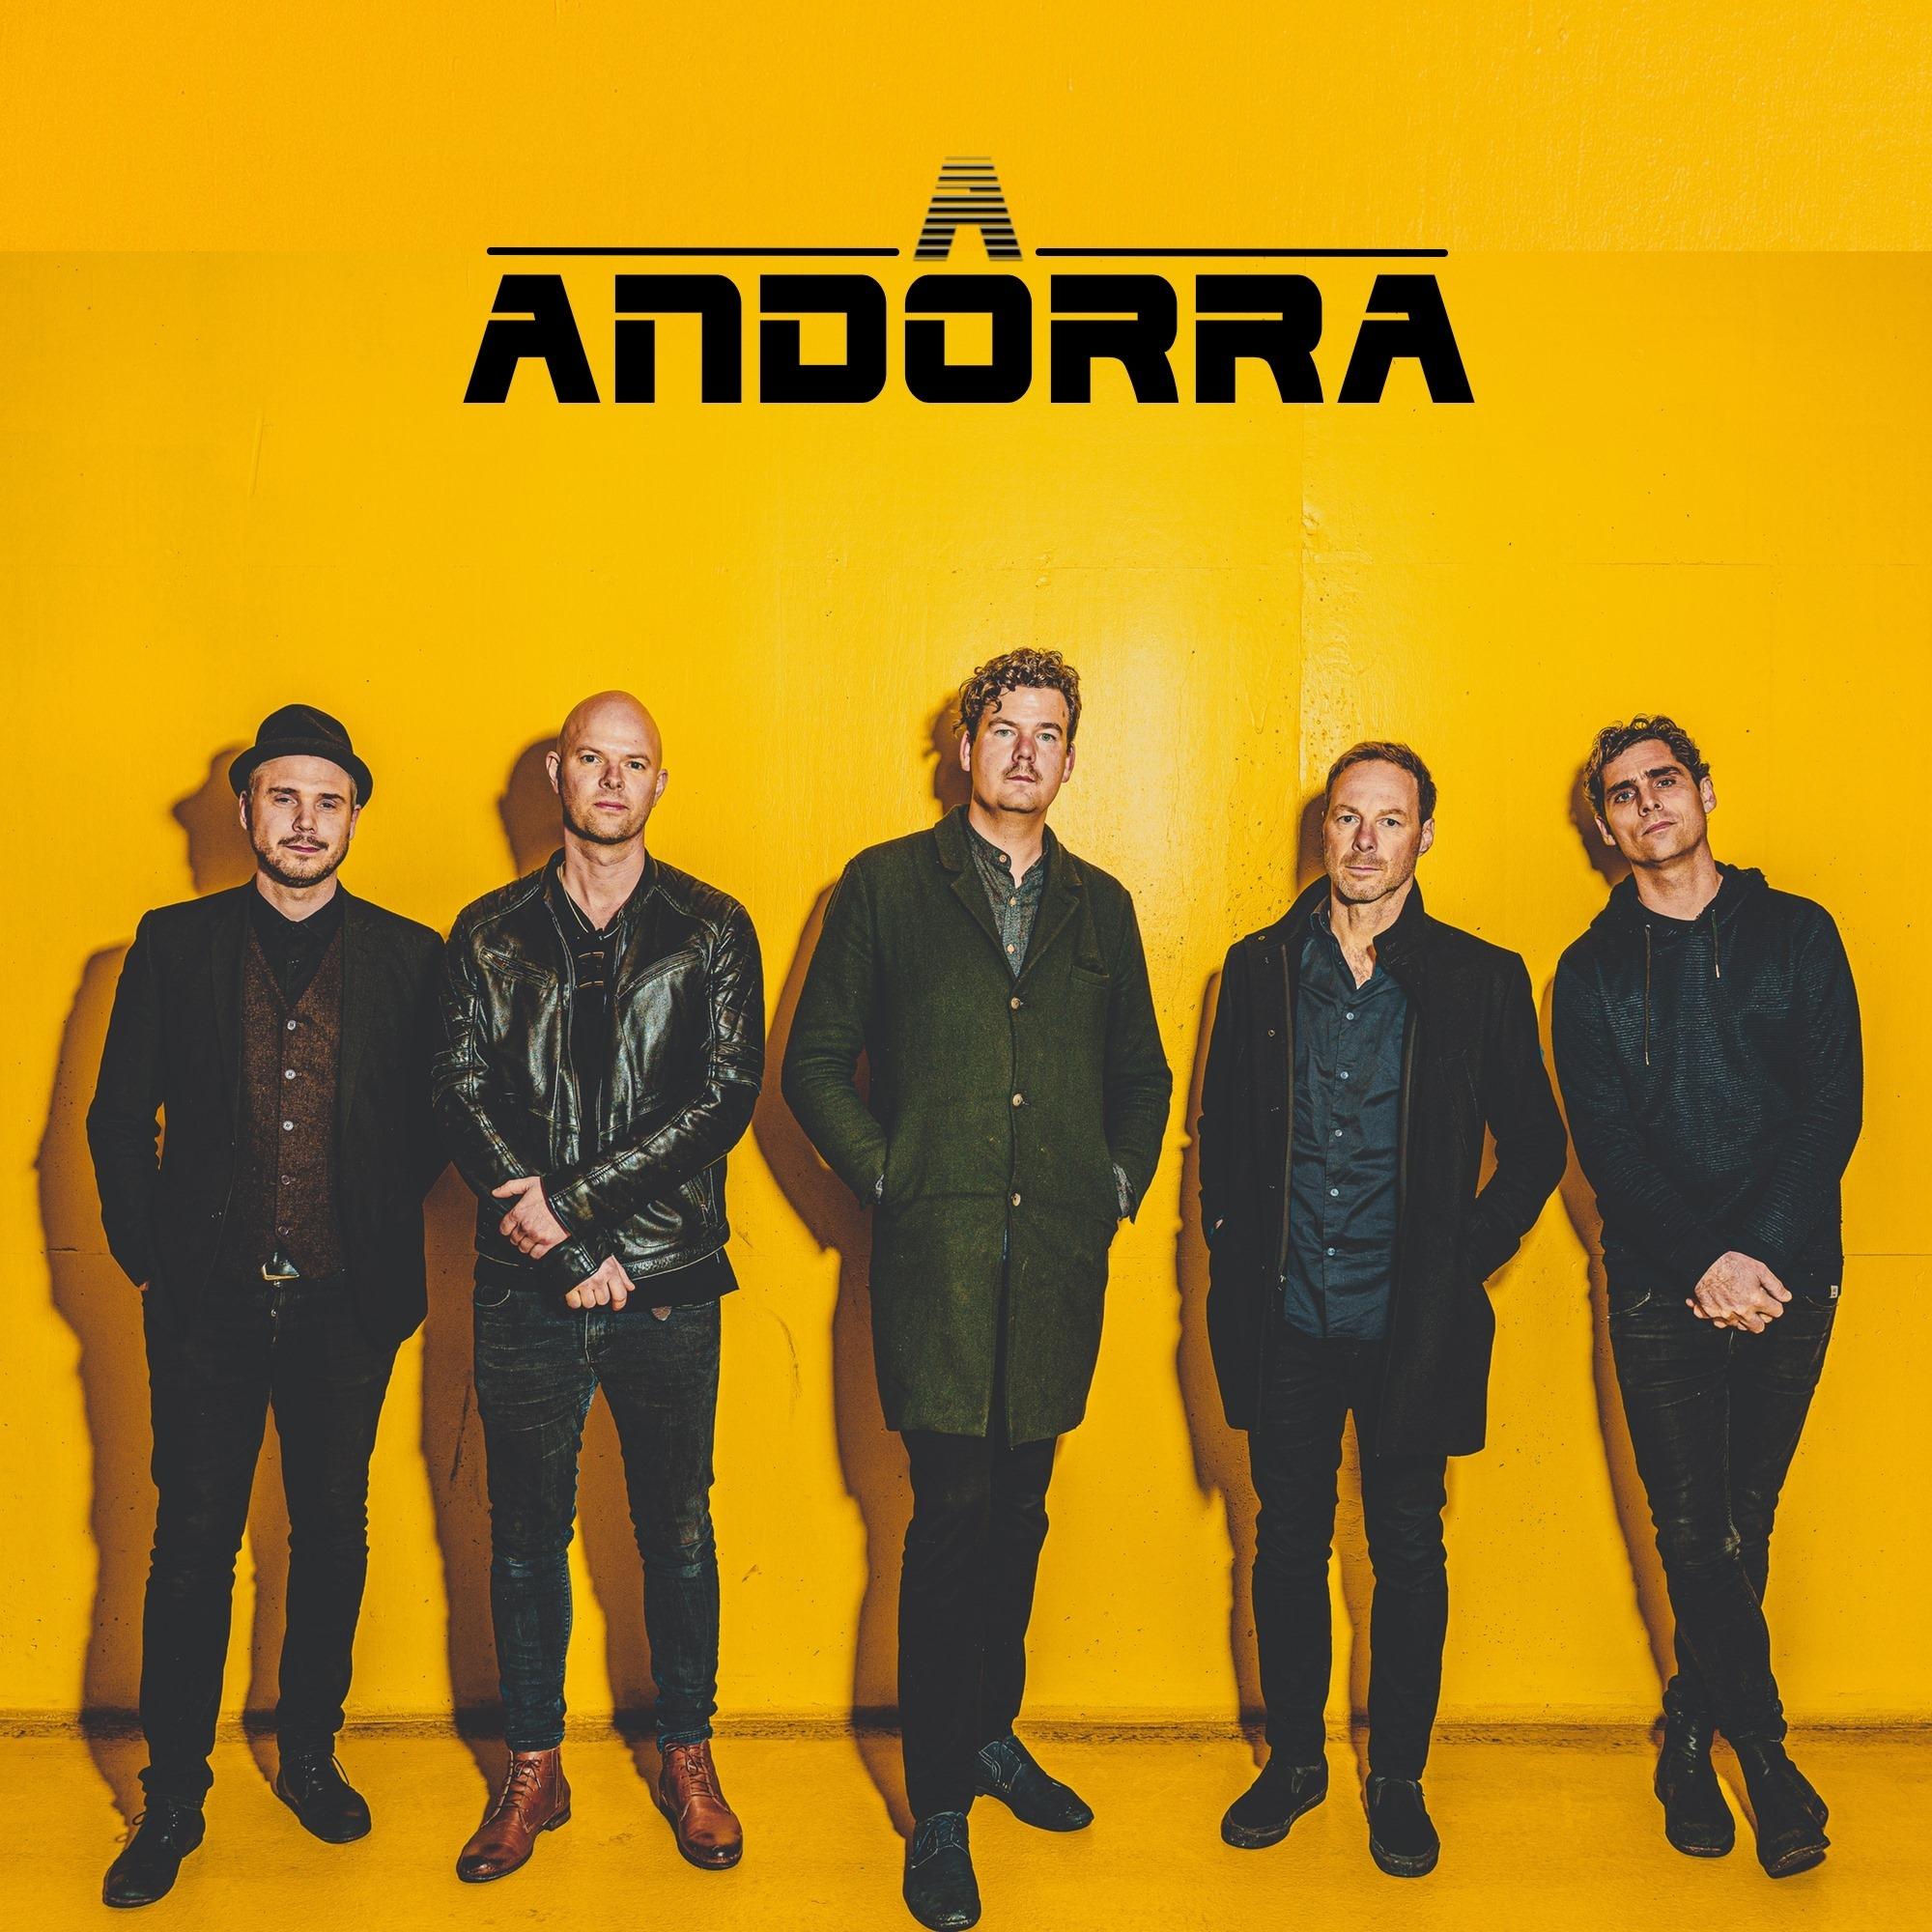 Andorra.jpg (2000×2000)